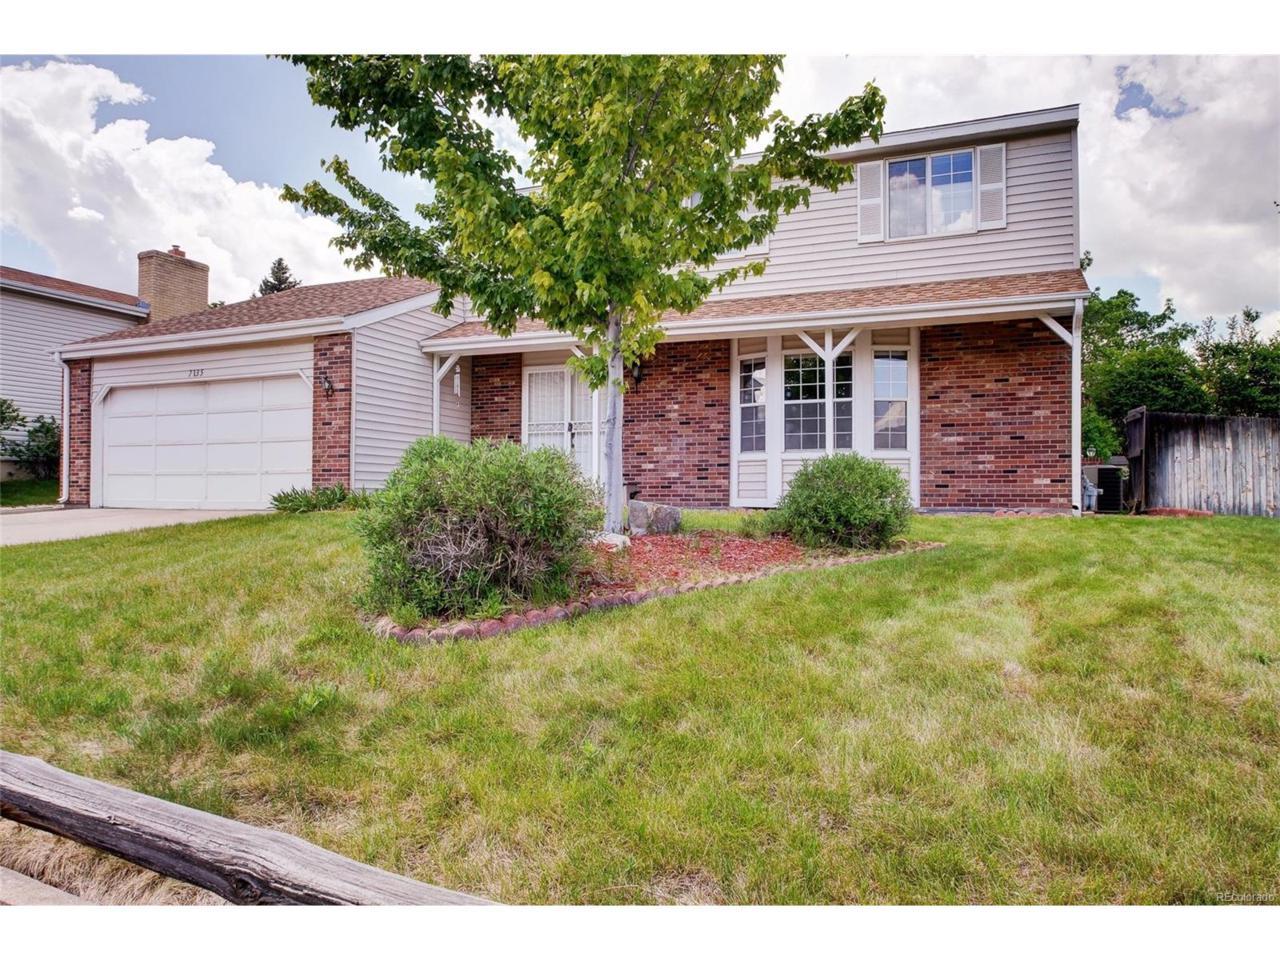 7135 S Dover Court, Littleton, CO 80128 (MLS #5241040) :: 8z Real Estate